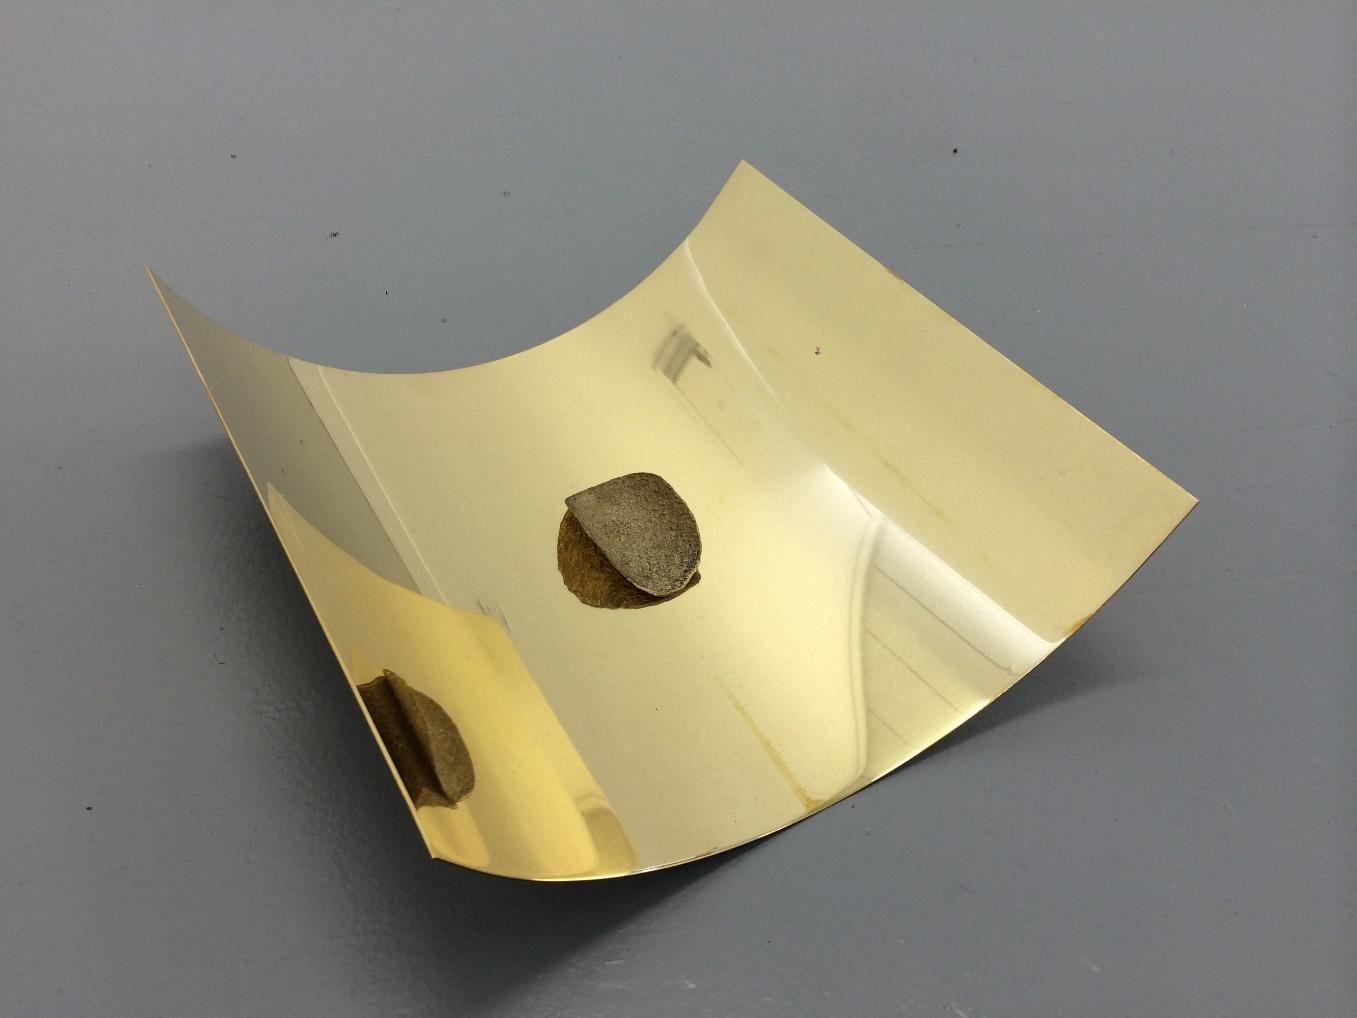 이다슬, Brass chip on brass sheet, 2015, brass, 250mm x 300mm, 70mm